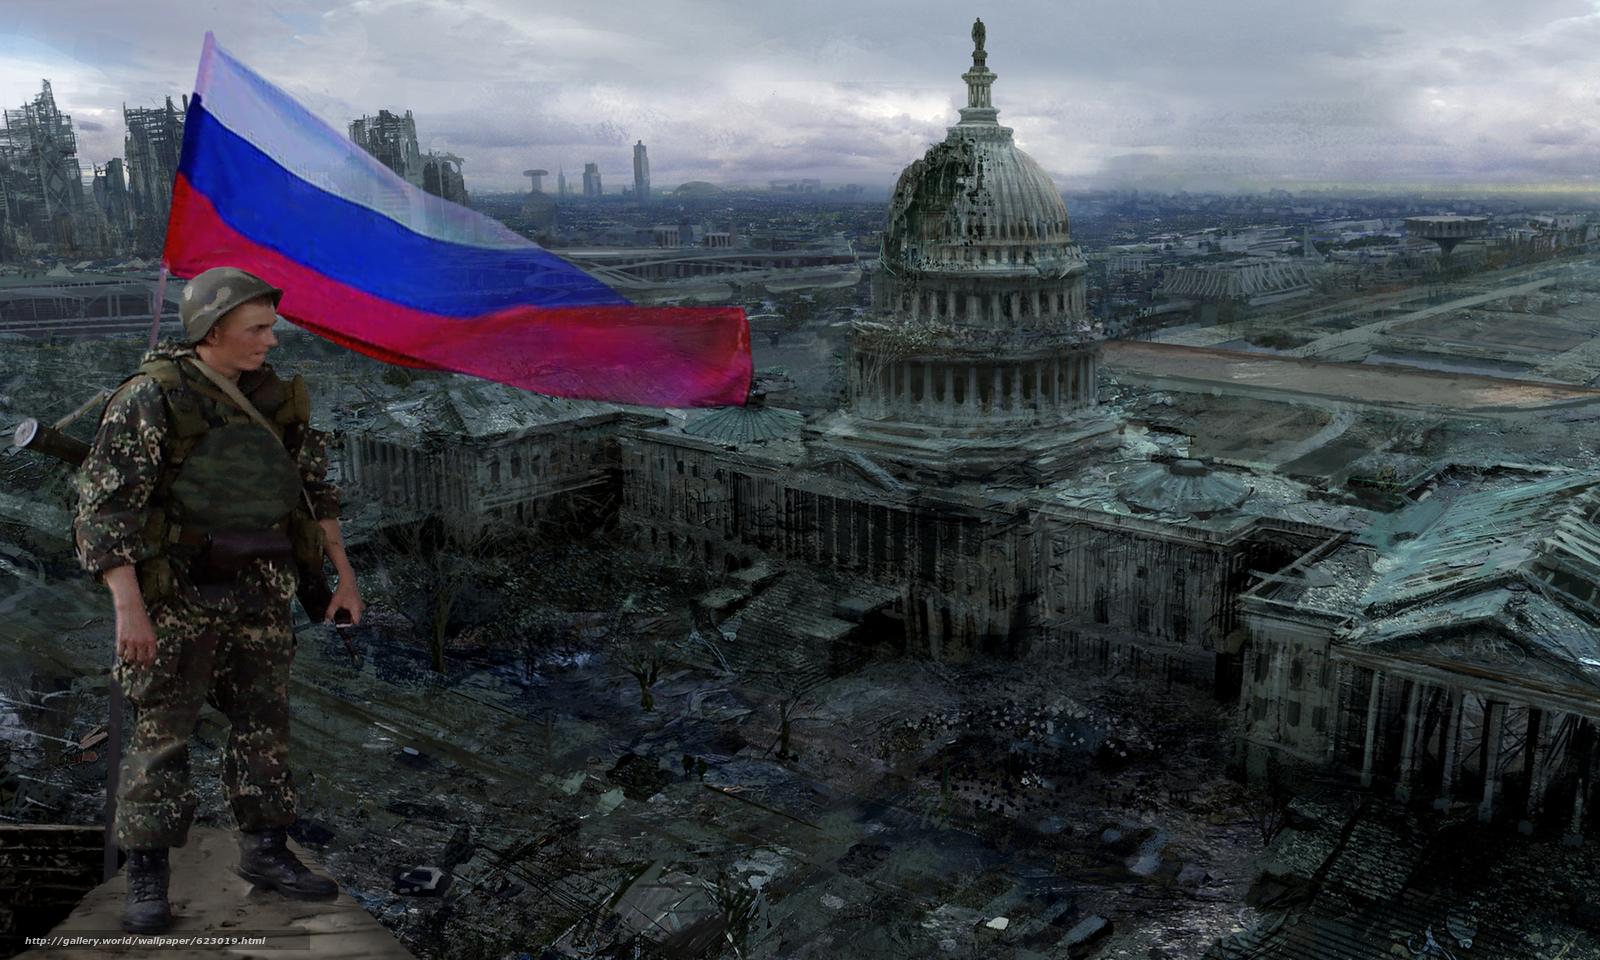 http://st.gdefon.com/wallpapers_original/s/623019_rossiya_ssha_kapitulyatsiya_voyna_razrushenie_budu_3000x1800_(GdeFon.ru).jpg